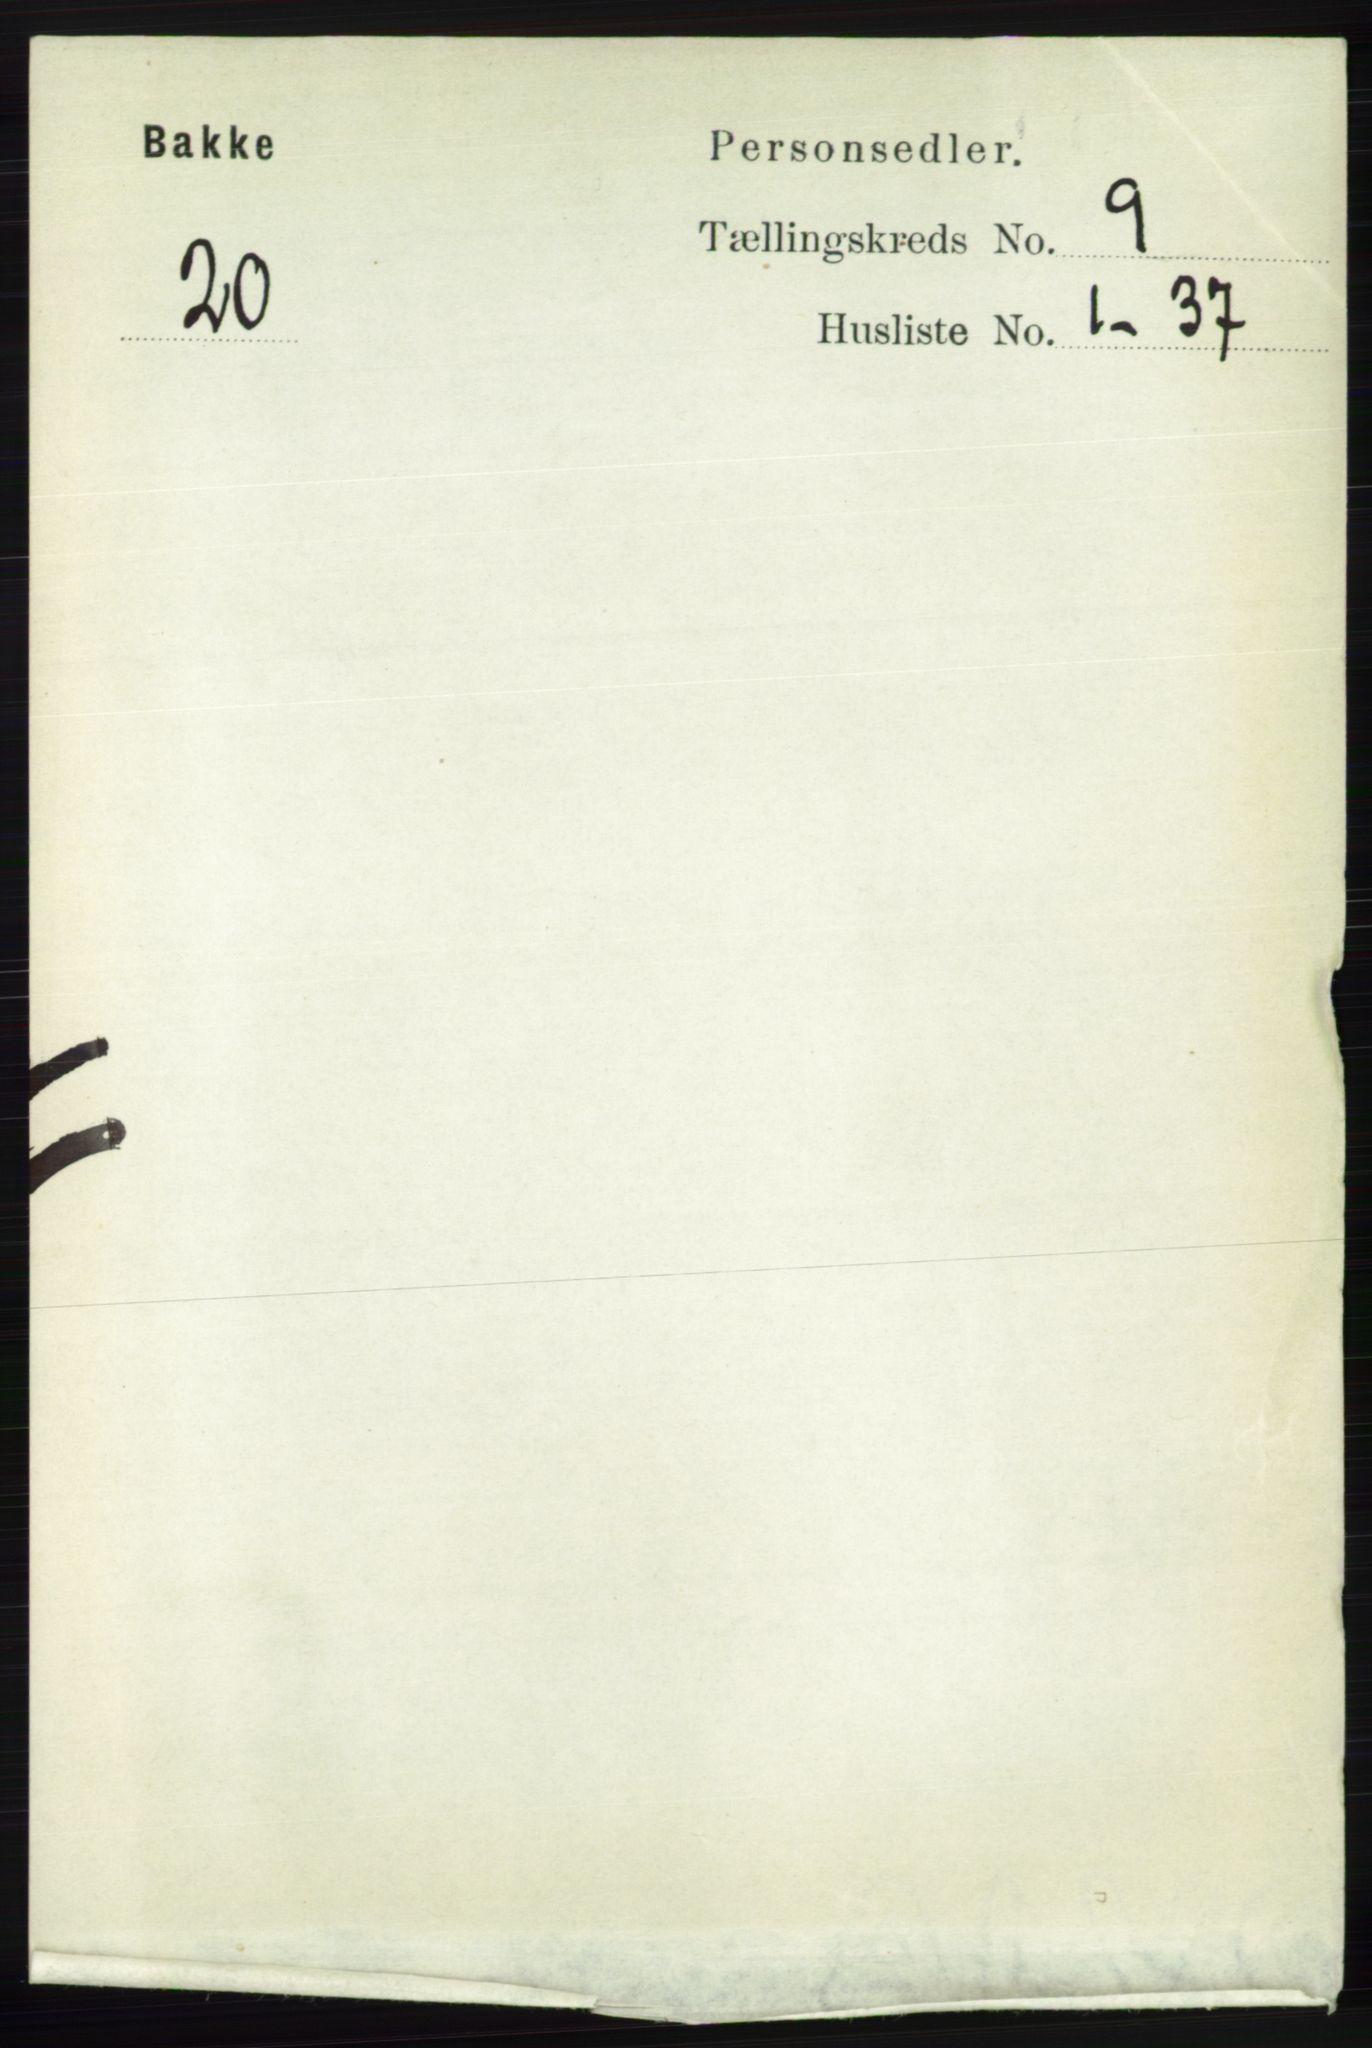 RA, Folketelling 1891 for 1045 Bakke herred, 1891, s. 1752